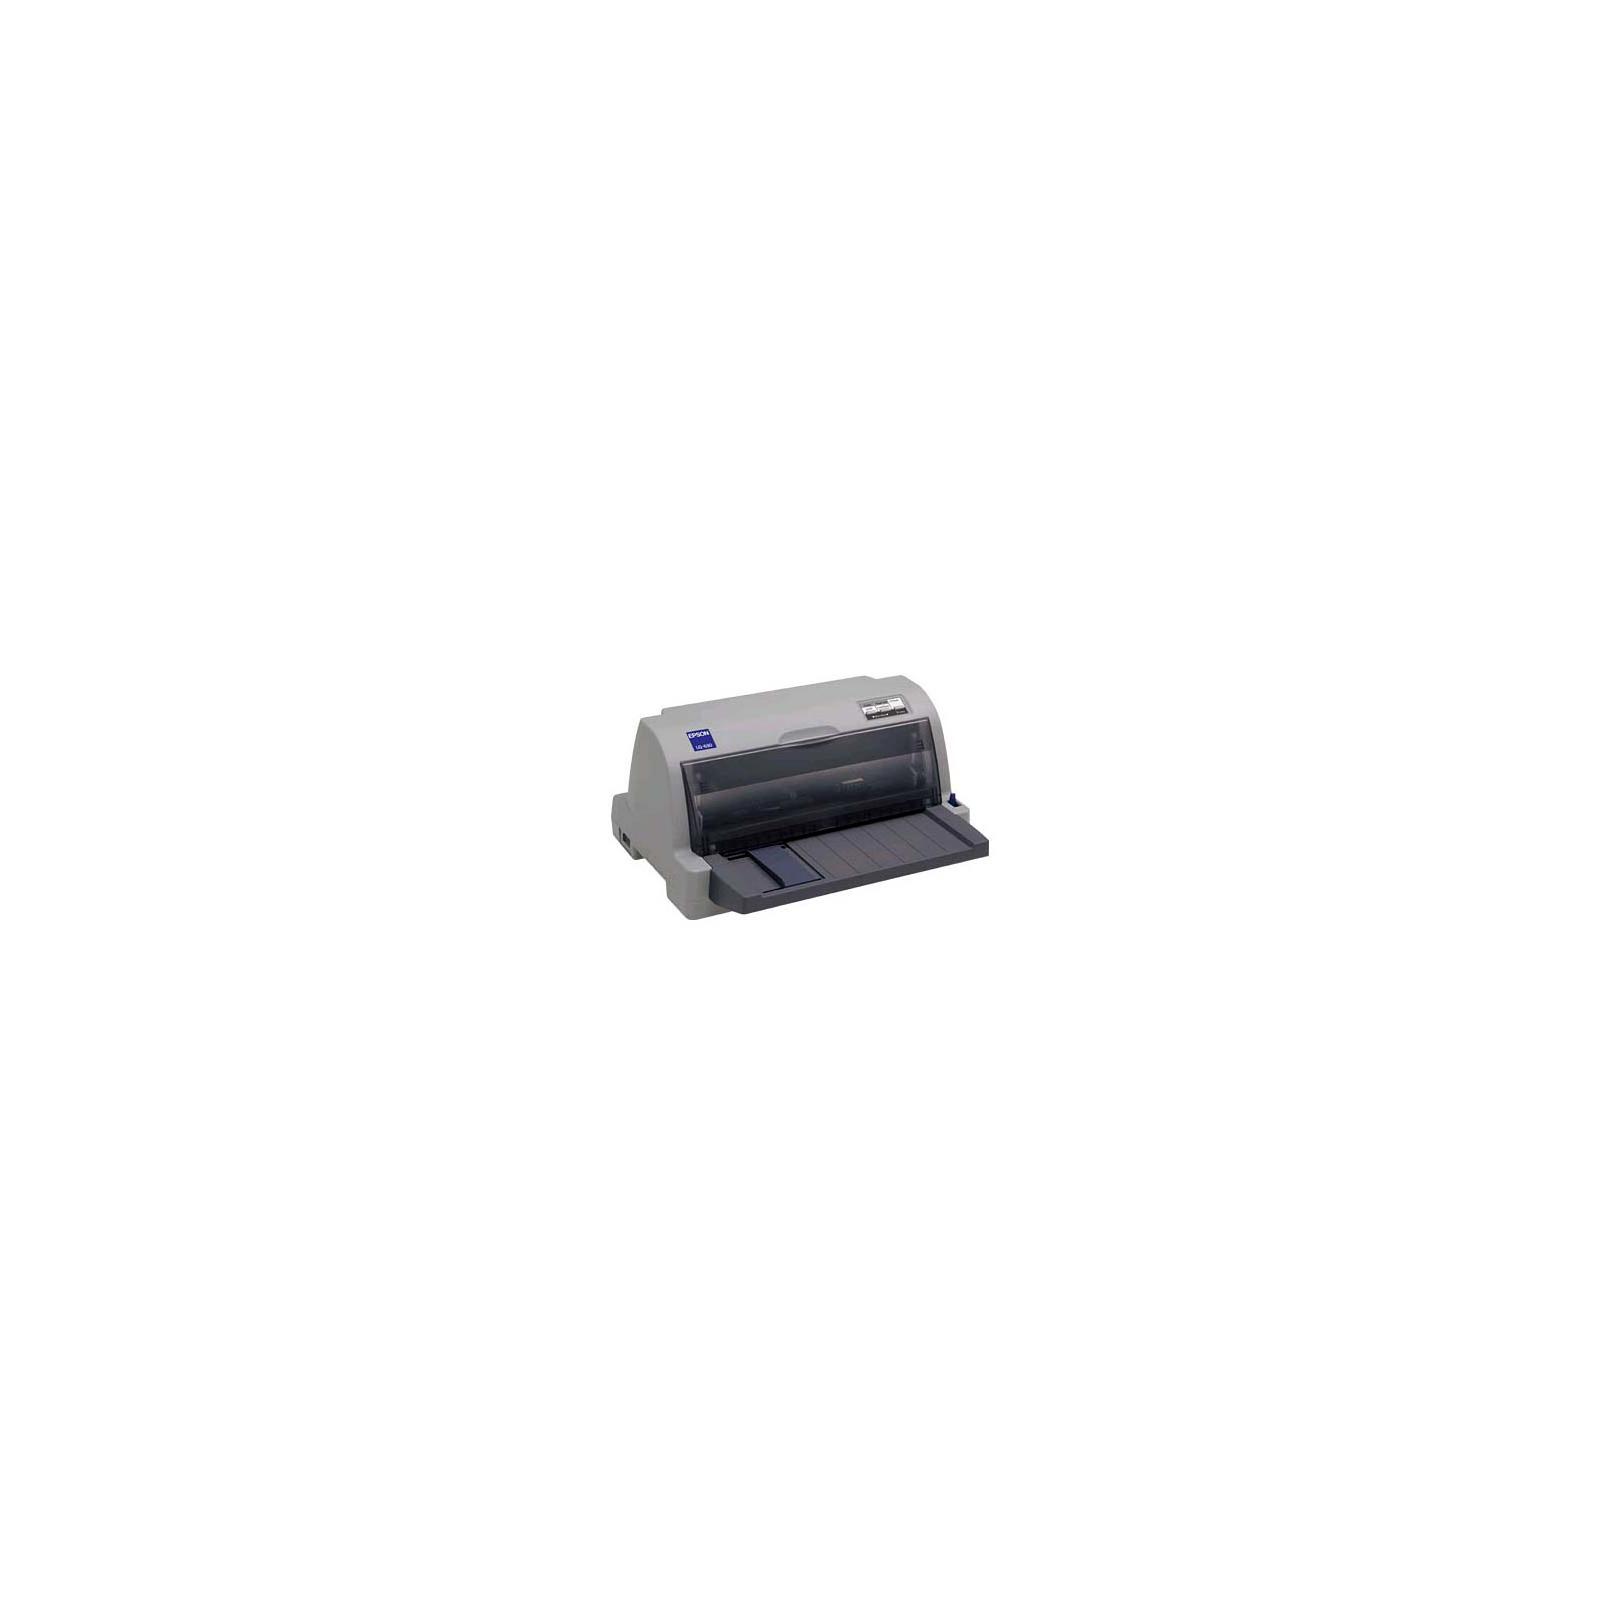 Матричный принтер LQ-630 EPSON (C11C480019)